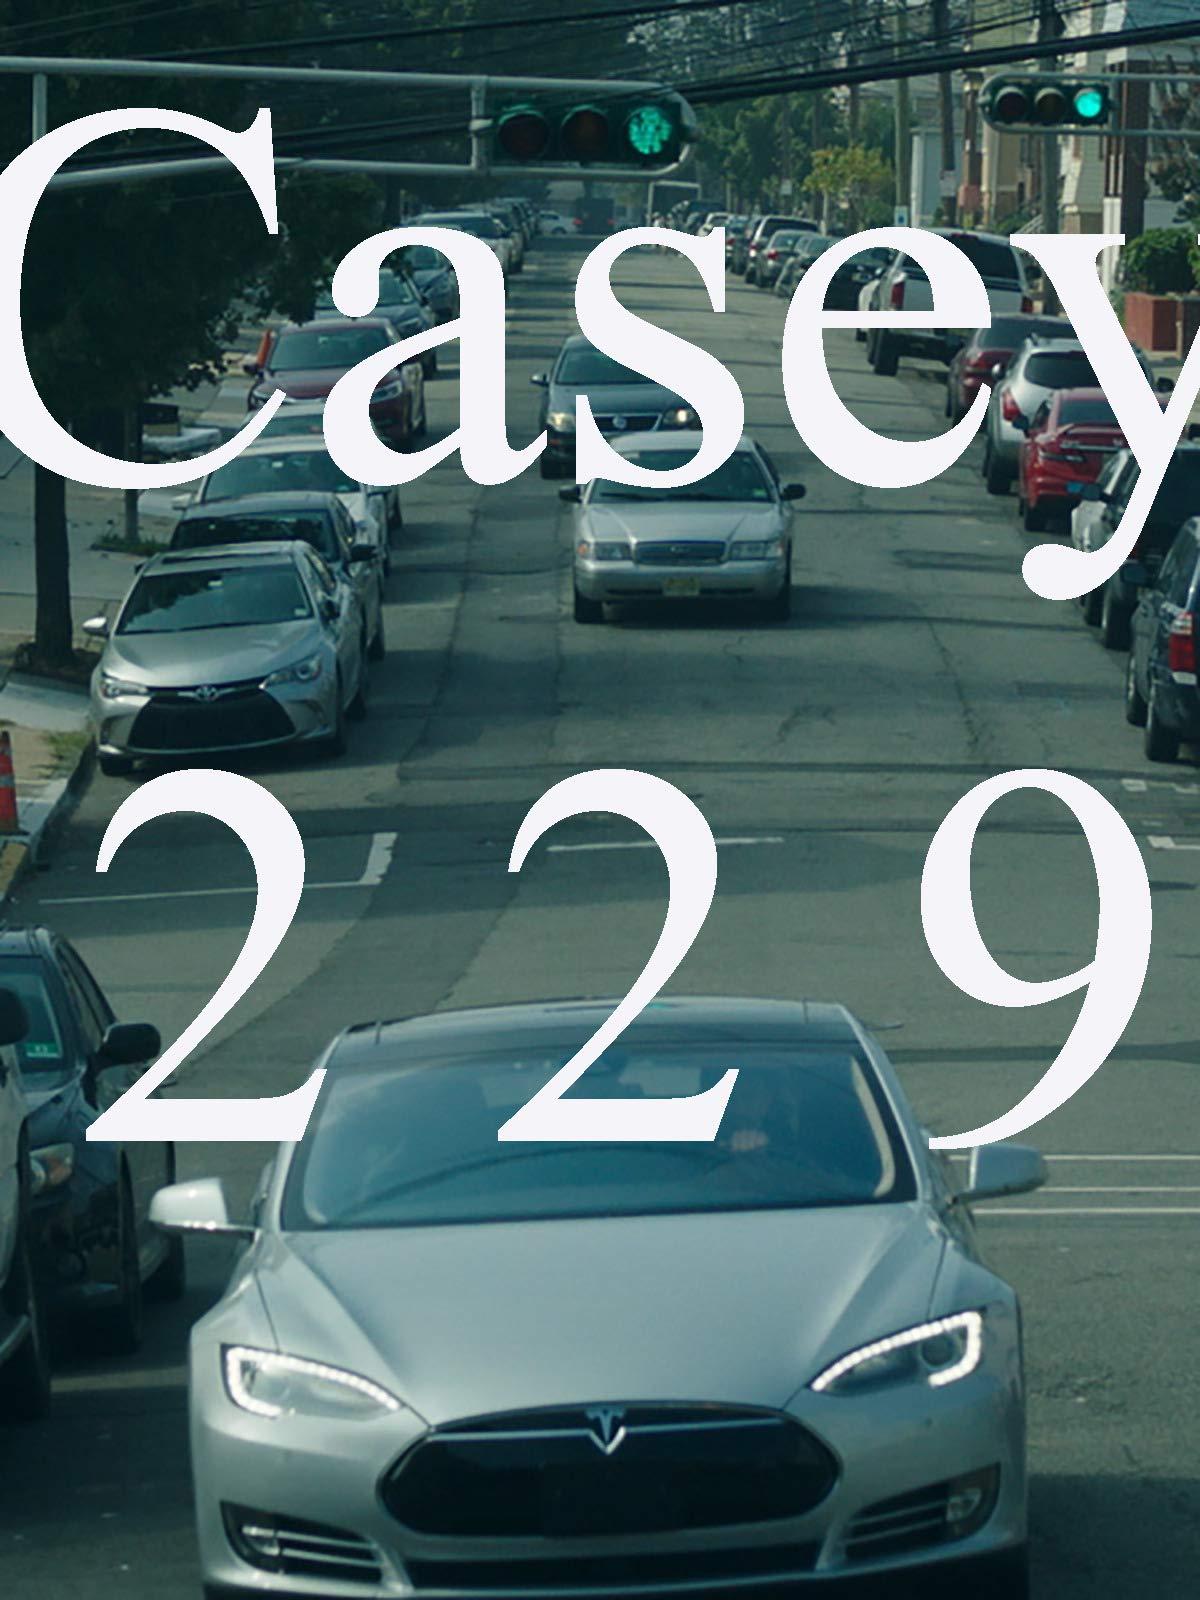 Casey229